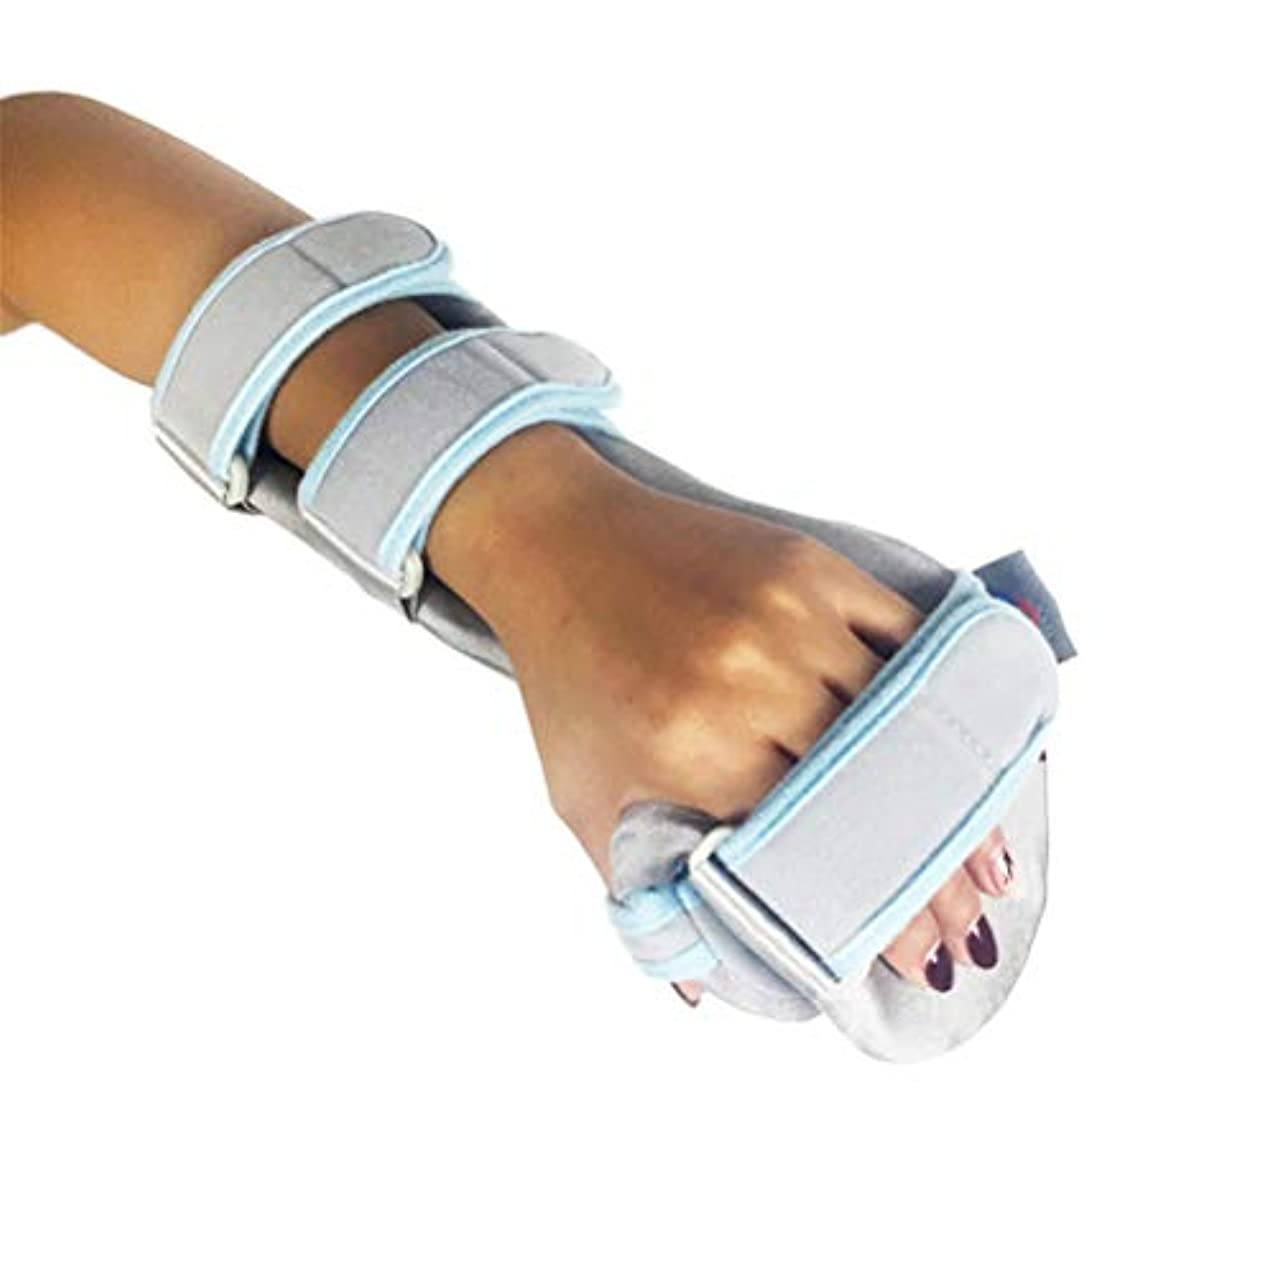 トランクライブラリ寄り添う知覚するHEALIFTY 指スプリントフィンガー手首骨折固定足場用腱腱炎腱炎骨折関節炎転位(右手)